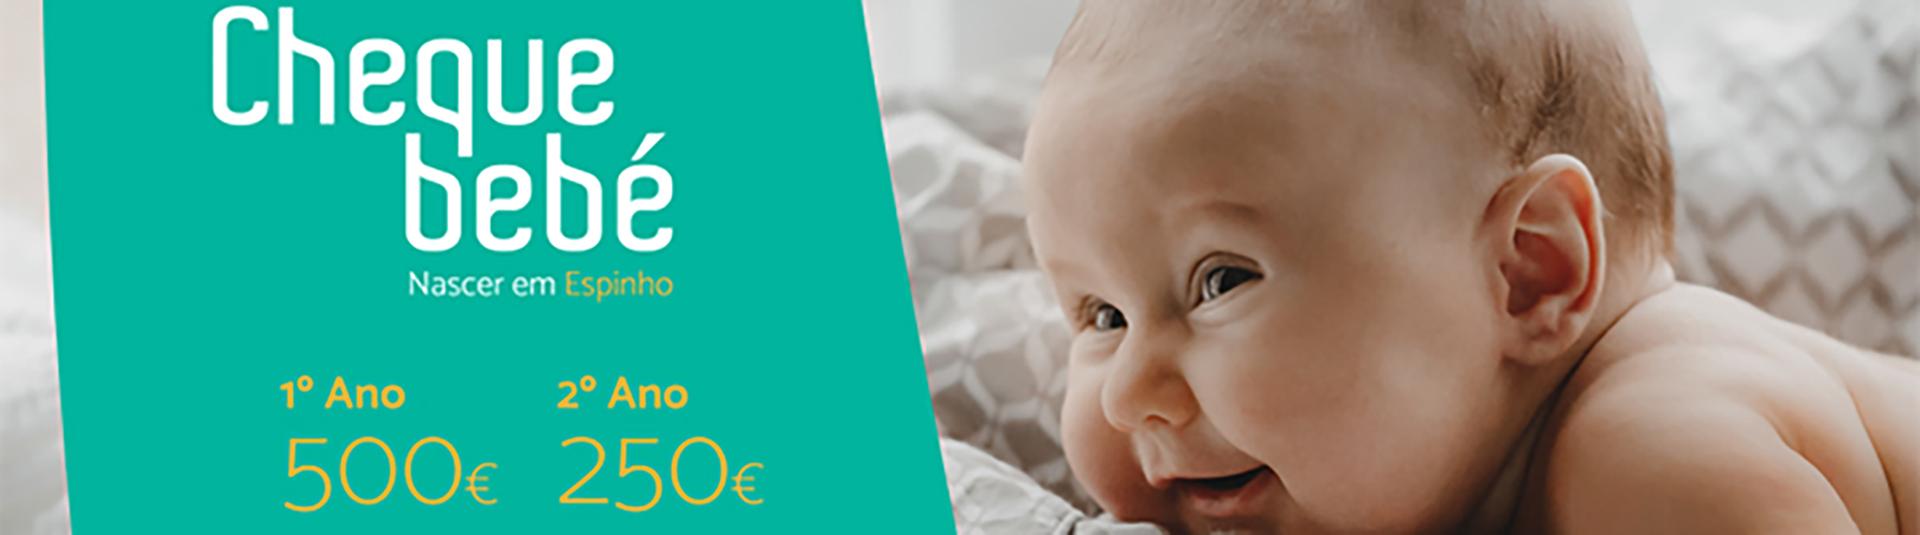 cheque-bebé espinho